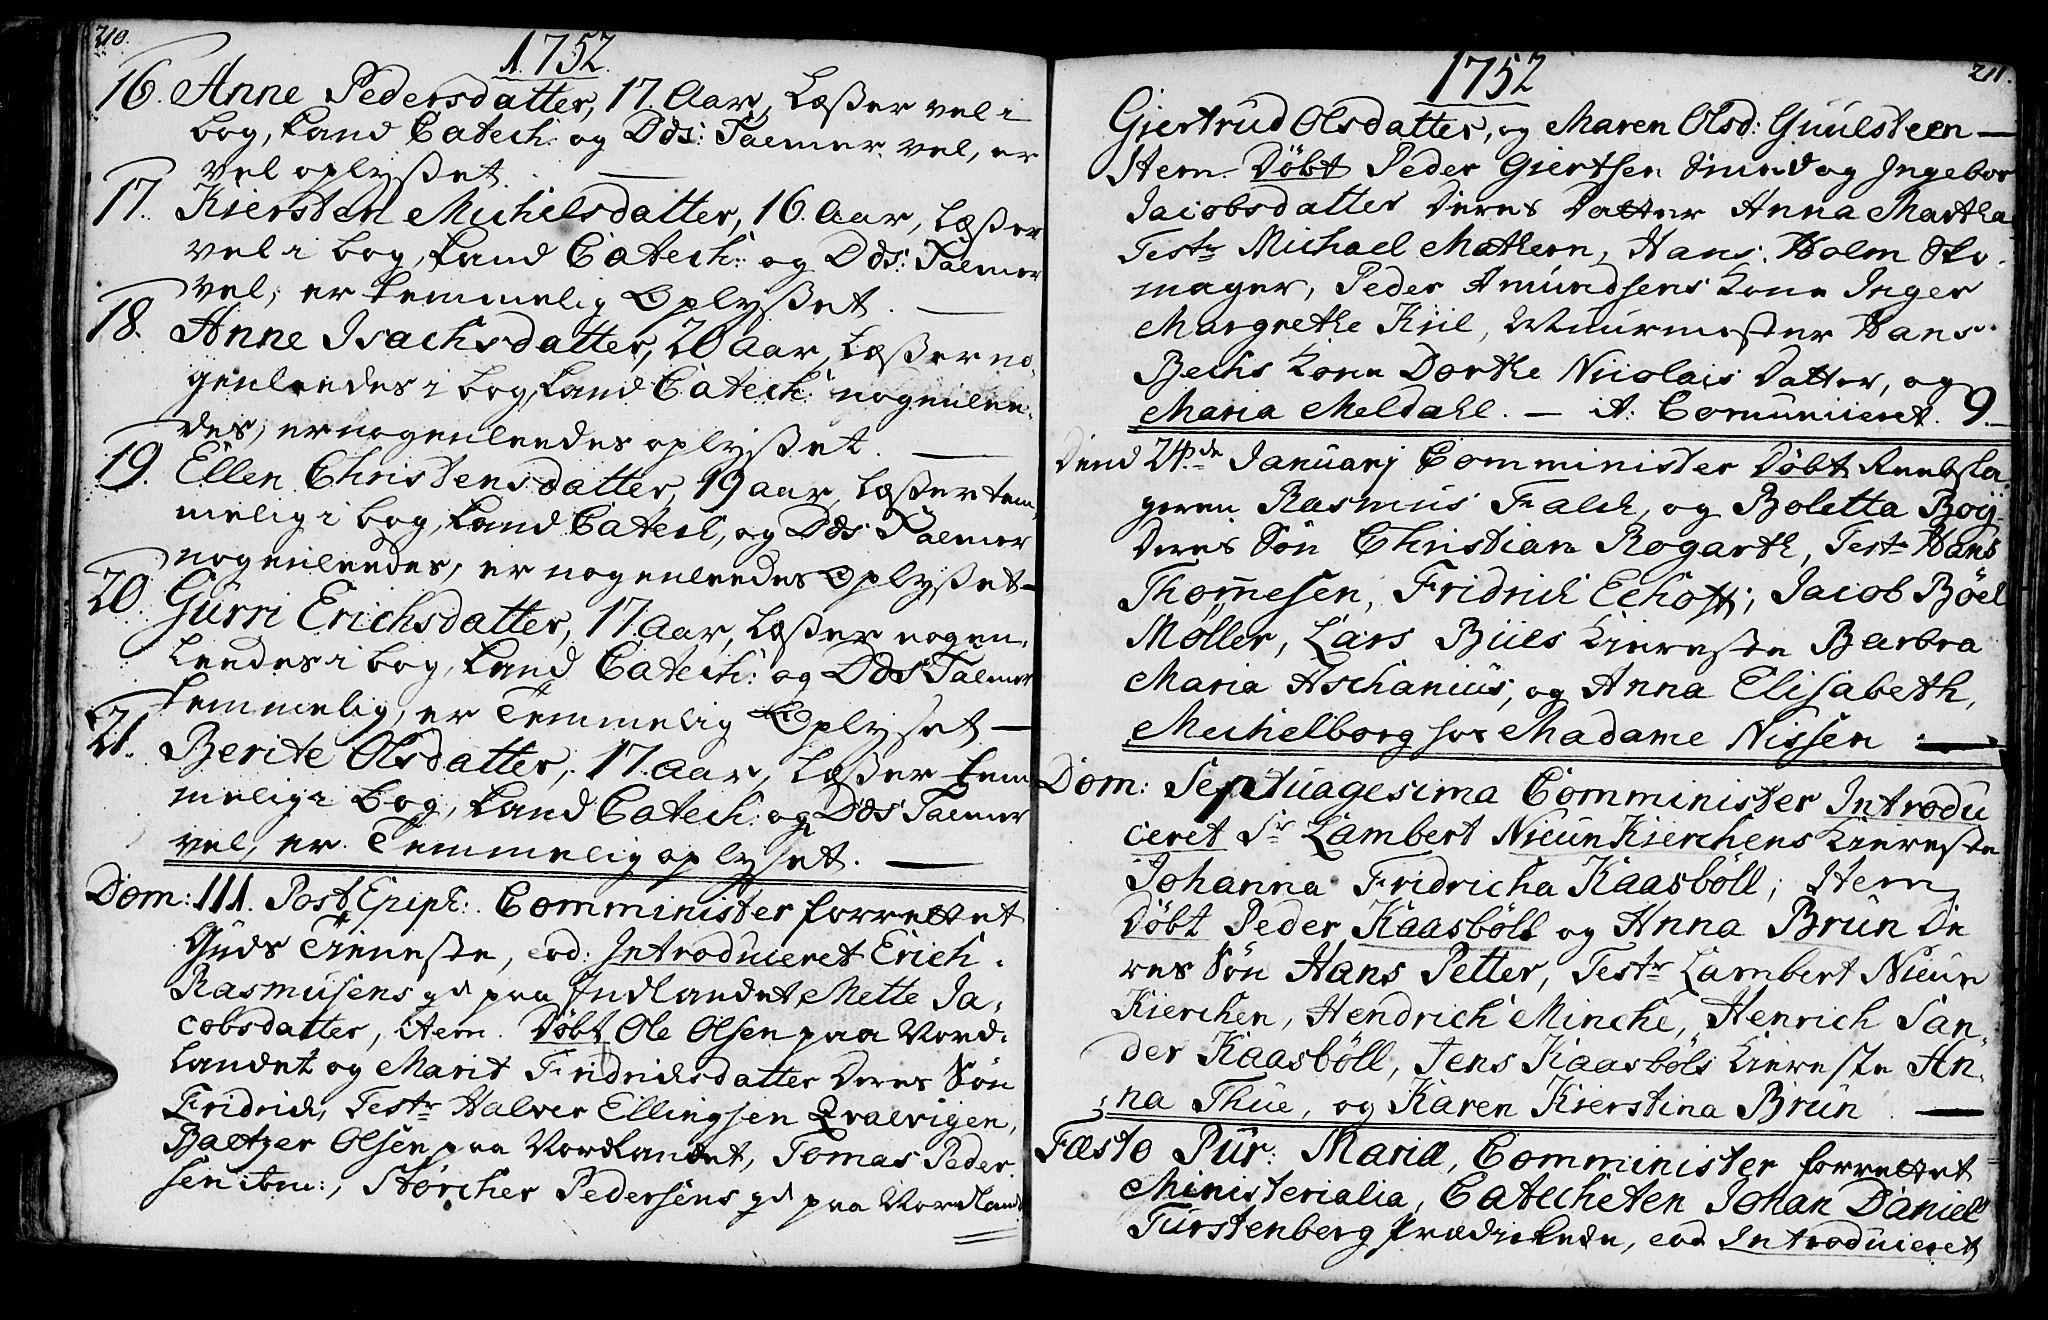 SAT, Ministerialprotokoller, klokkerbøker og fødselsregistre - Møre og Romsdal, 572/L0839: Parish register (official) no. 572A02, 1739-1754, p. 210-211